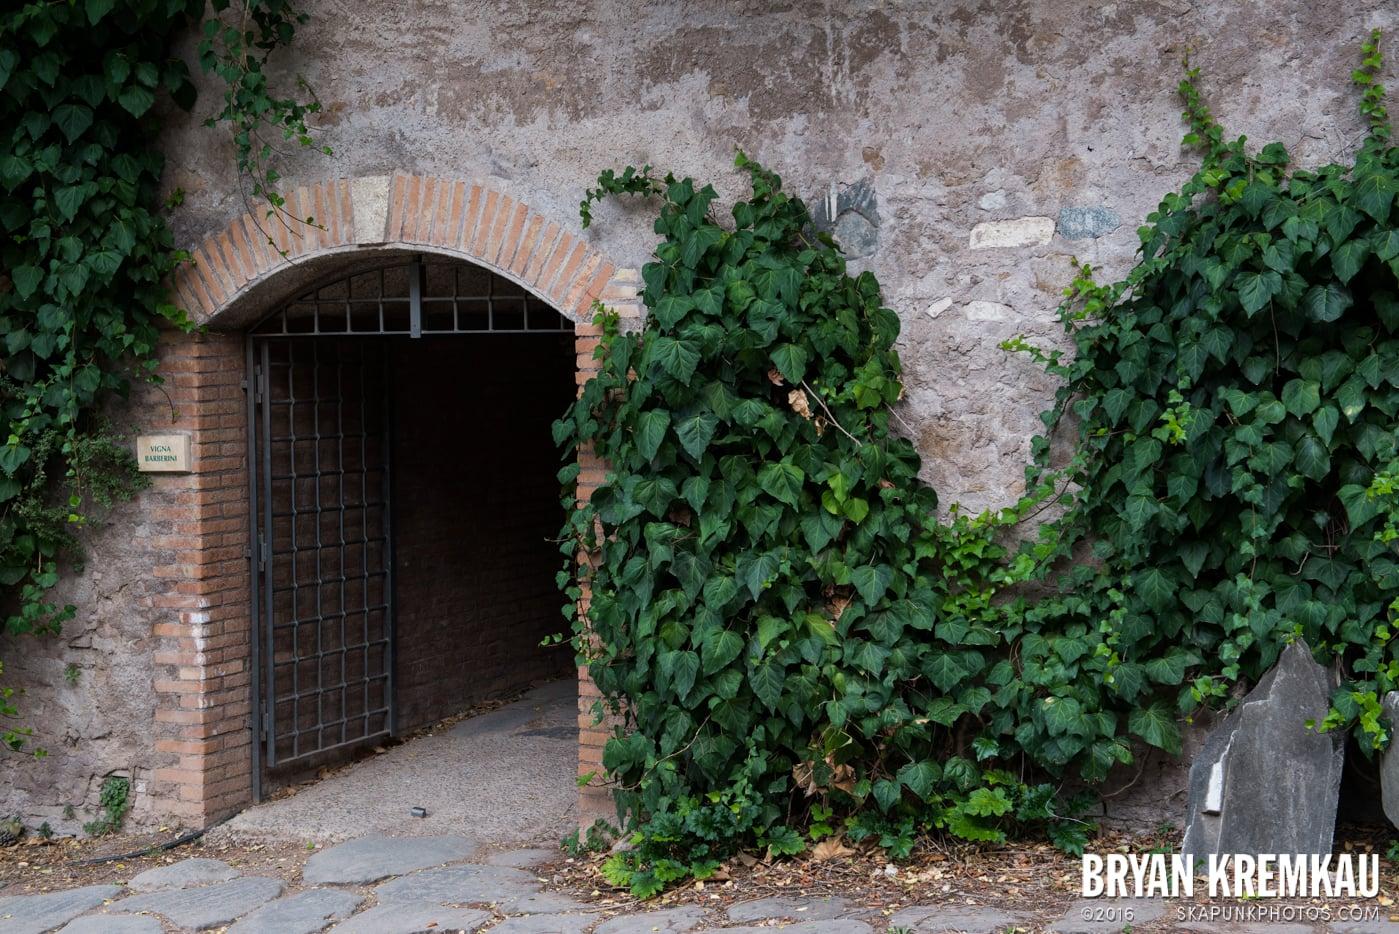 Italy Vacation - Day 2: Rome - 9.10.13 (85)